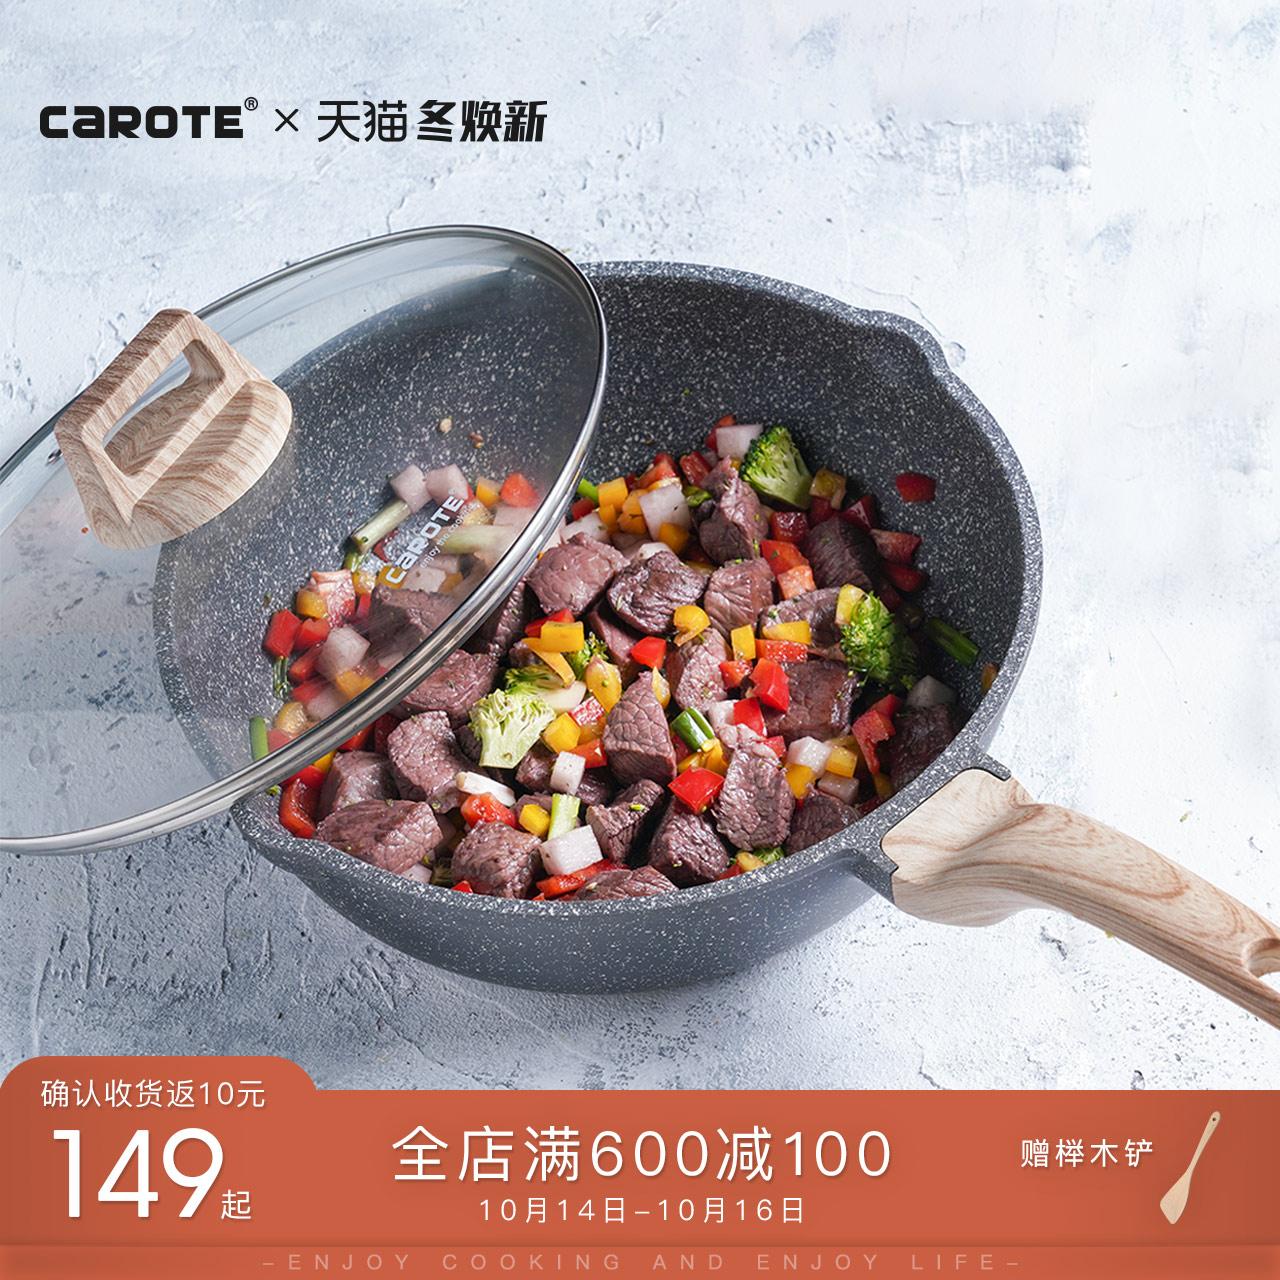 卡罗特麦饭石不粘锅炒锅具家用炒菜锅电磁炉锅无油烟平底锅不沾锅